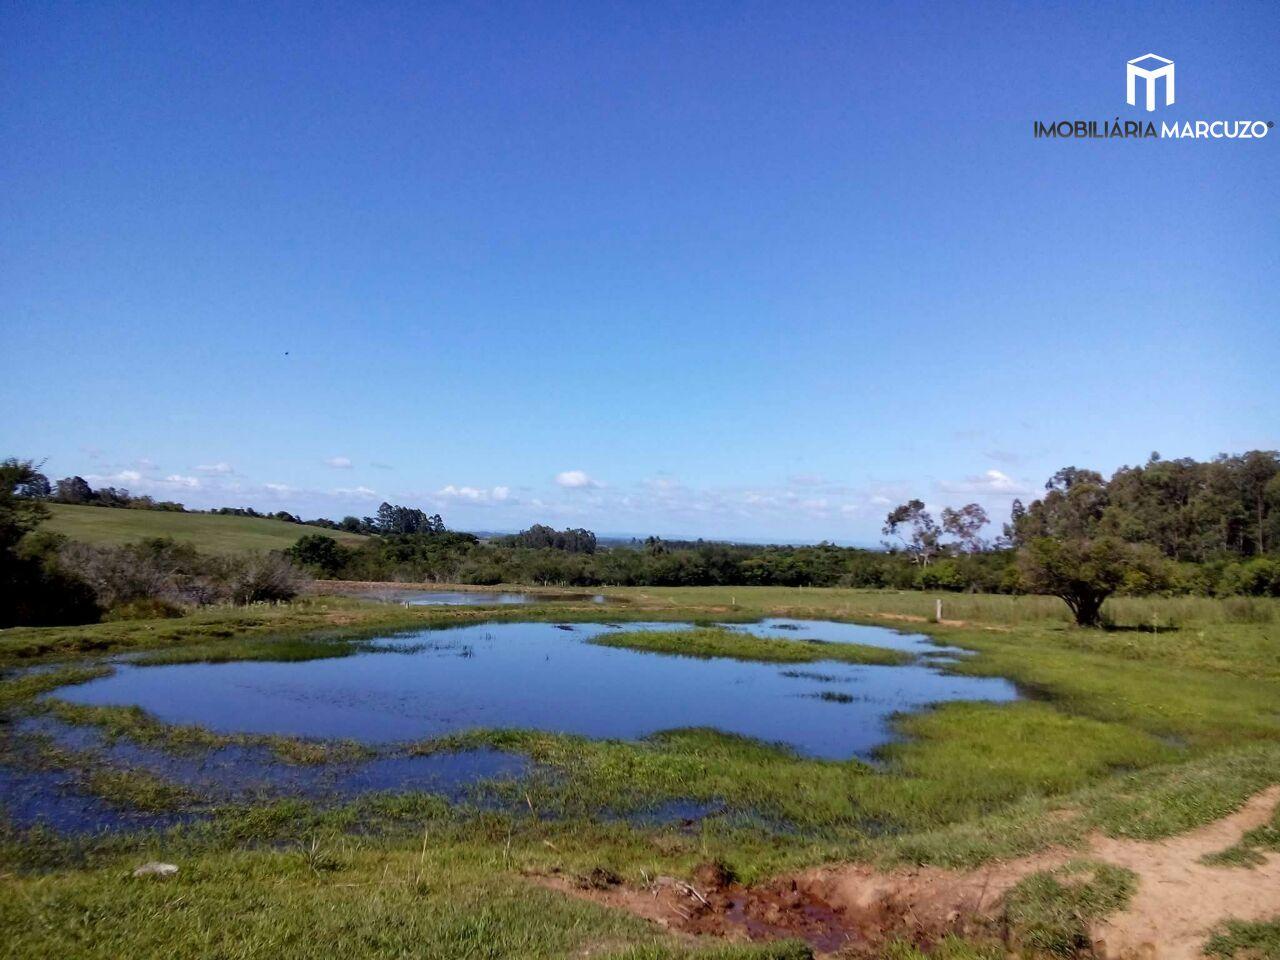 Fazenda/sítio/chácara/haras à venda, 70.000 m² por R$ 430.000,00